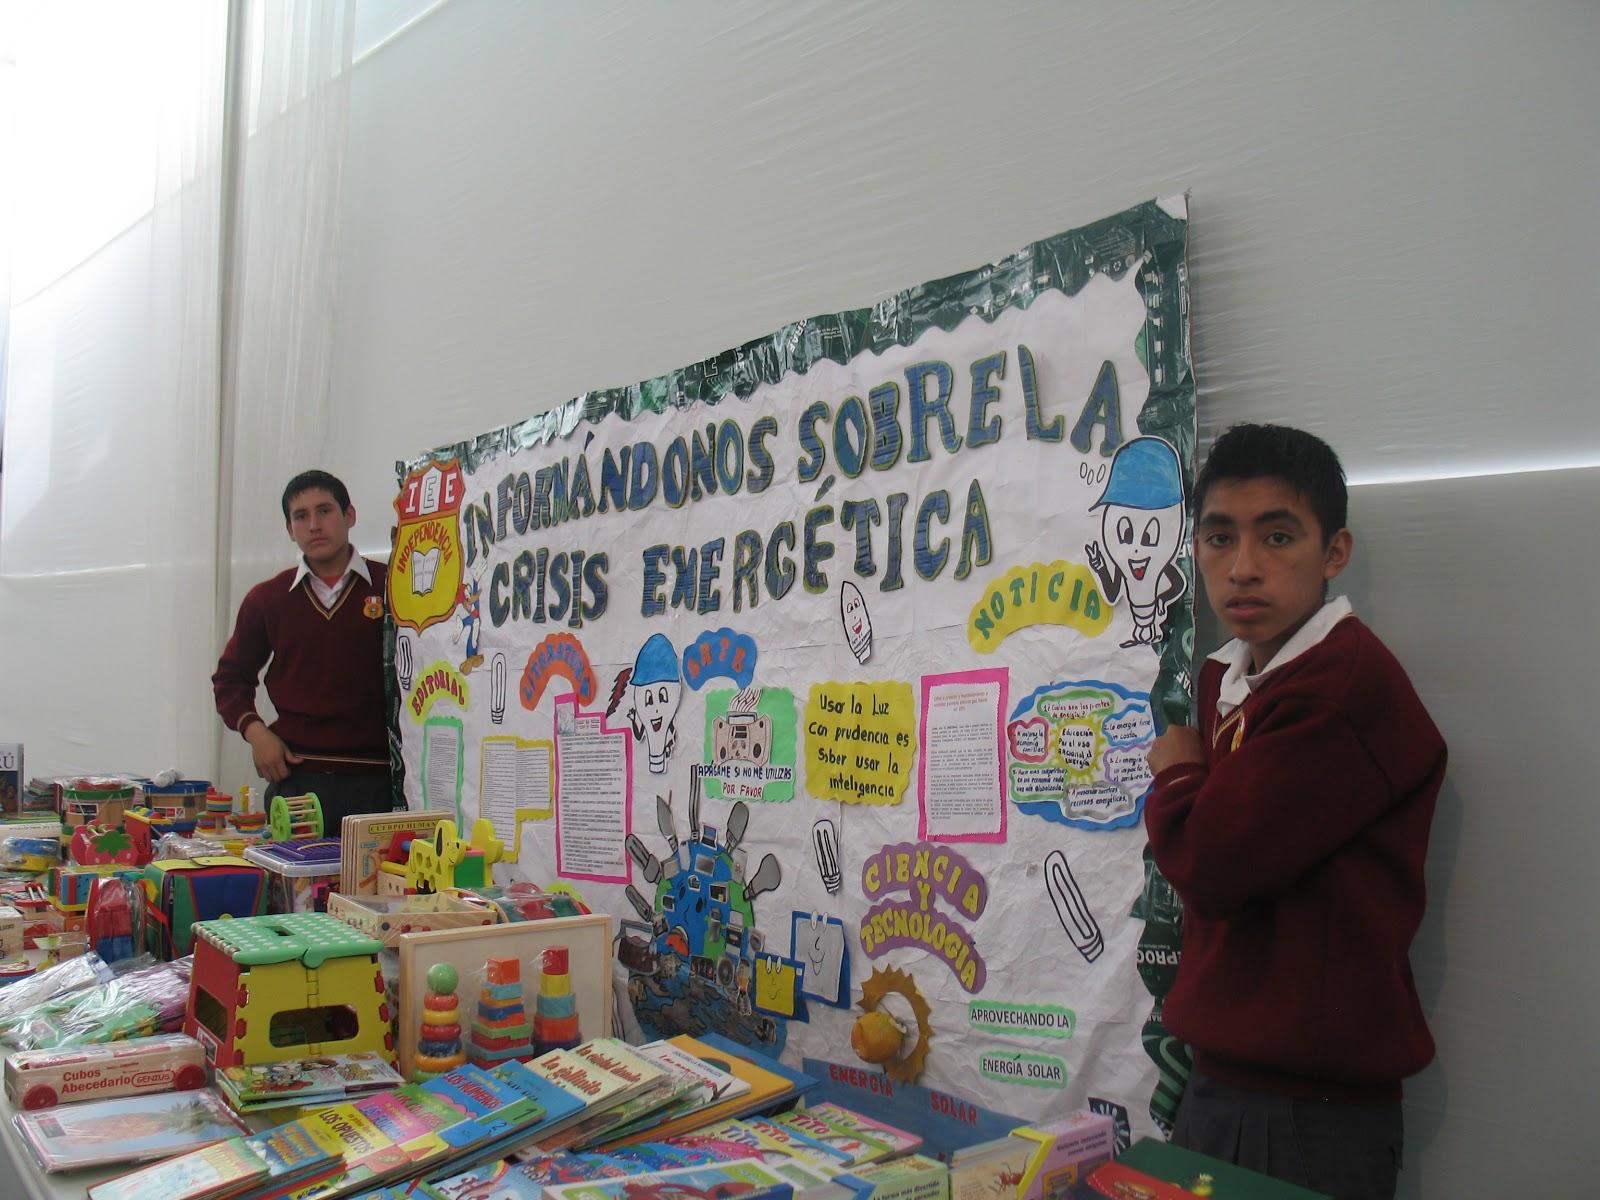 Ganadores en el ahorro de energ a for Diario mural fiestas patrias chile